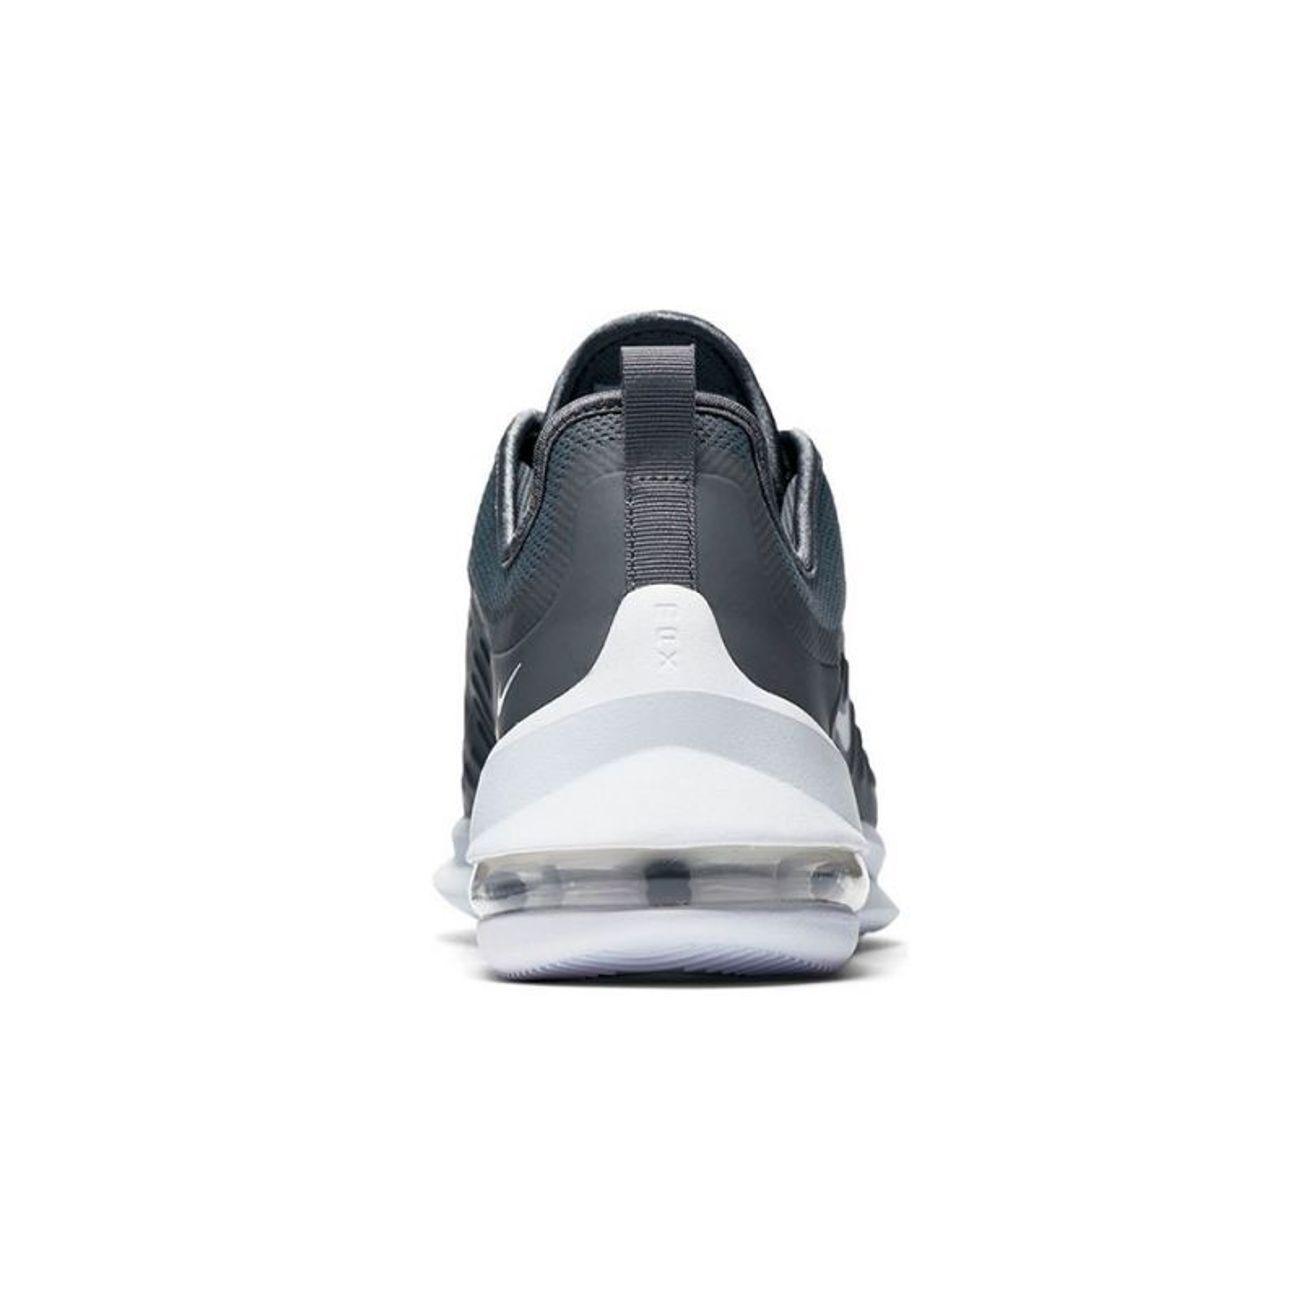 Air Gris Adulte Axis Niaa2146 Nike Padel 002 Max 2HWDI9E